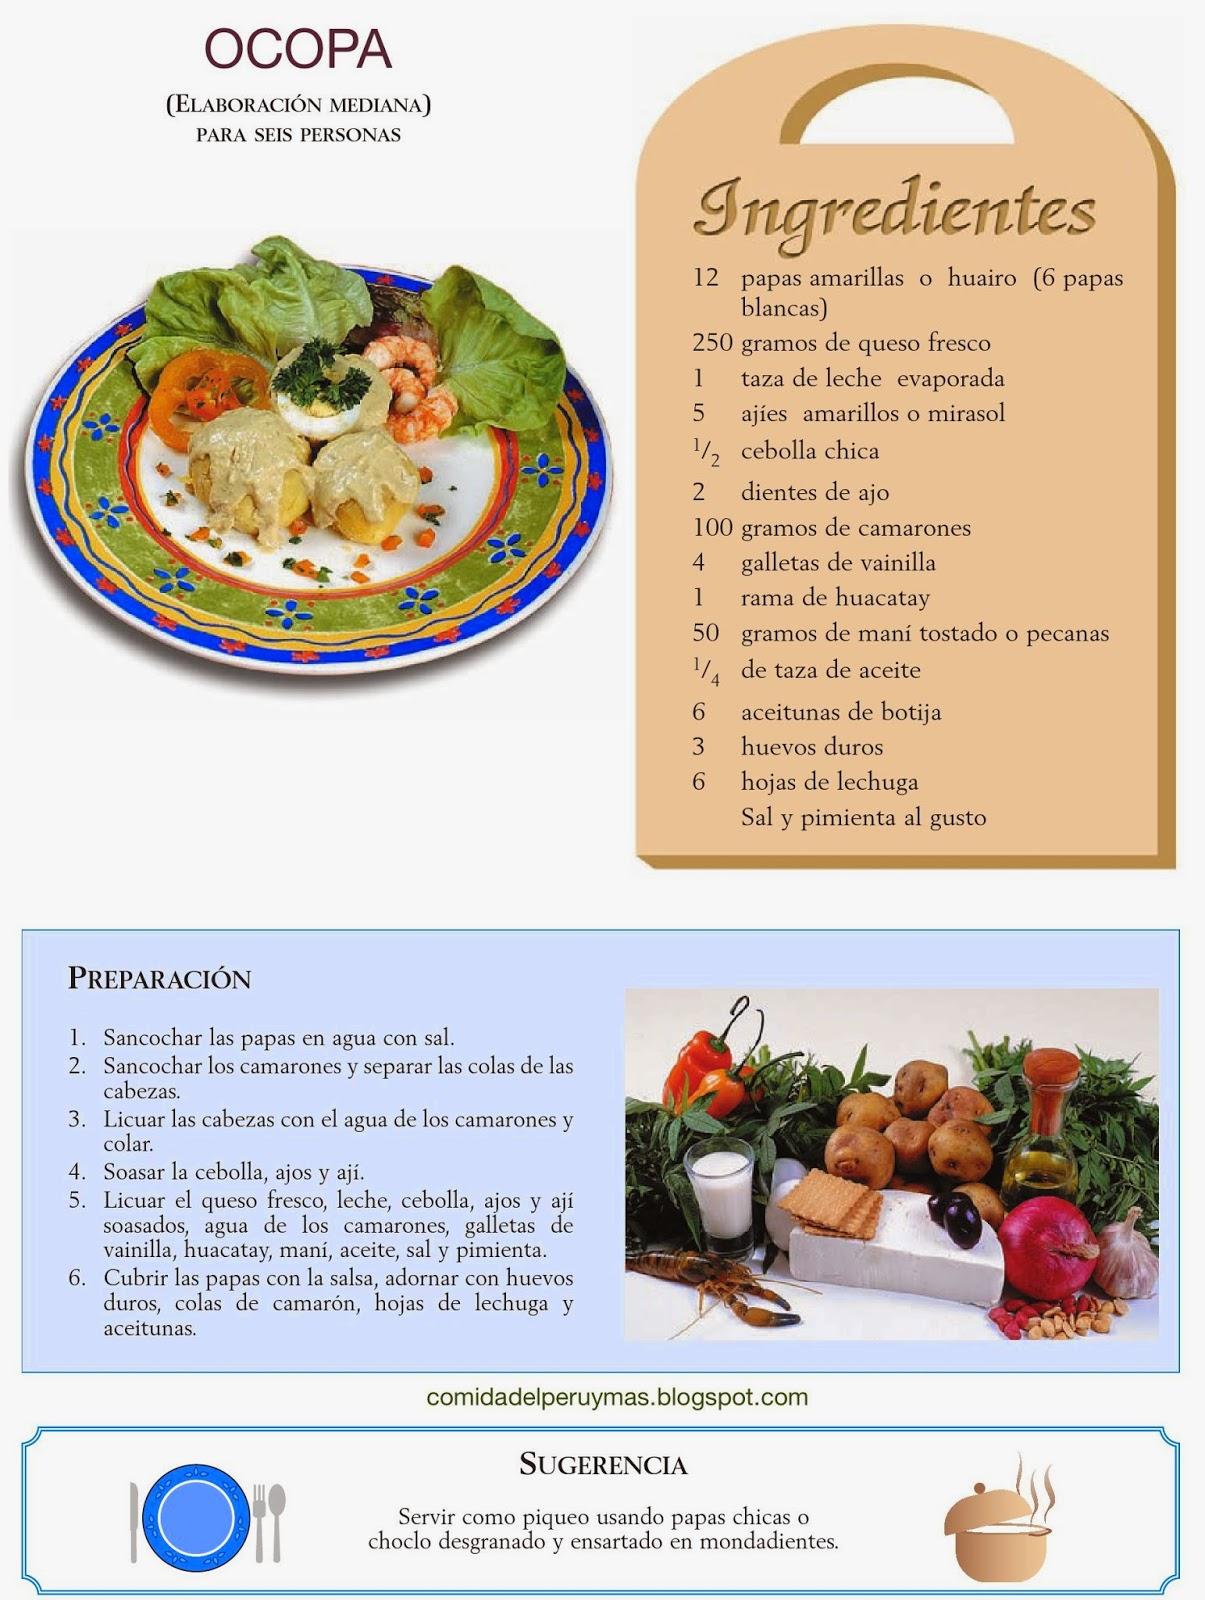 Como preparar ocopa receta sencilla recetas de comida for Ingredientes para comida